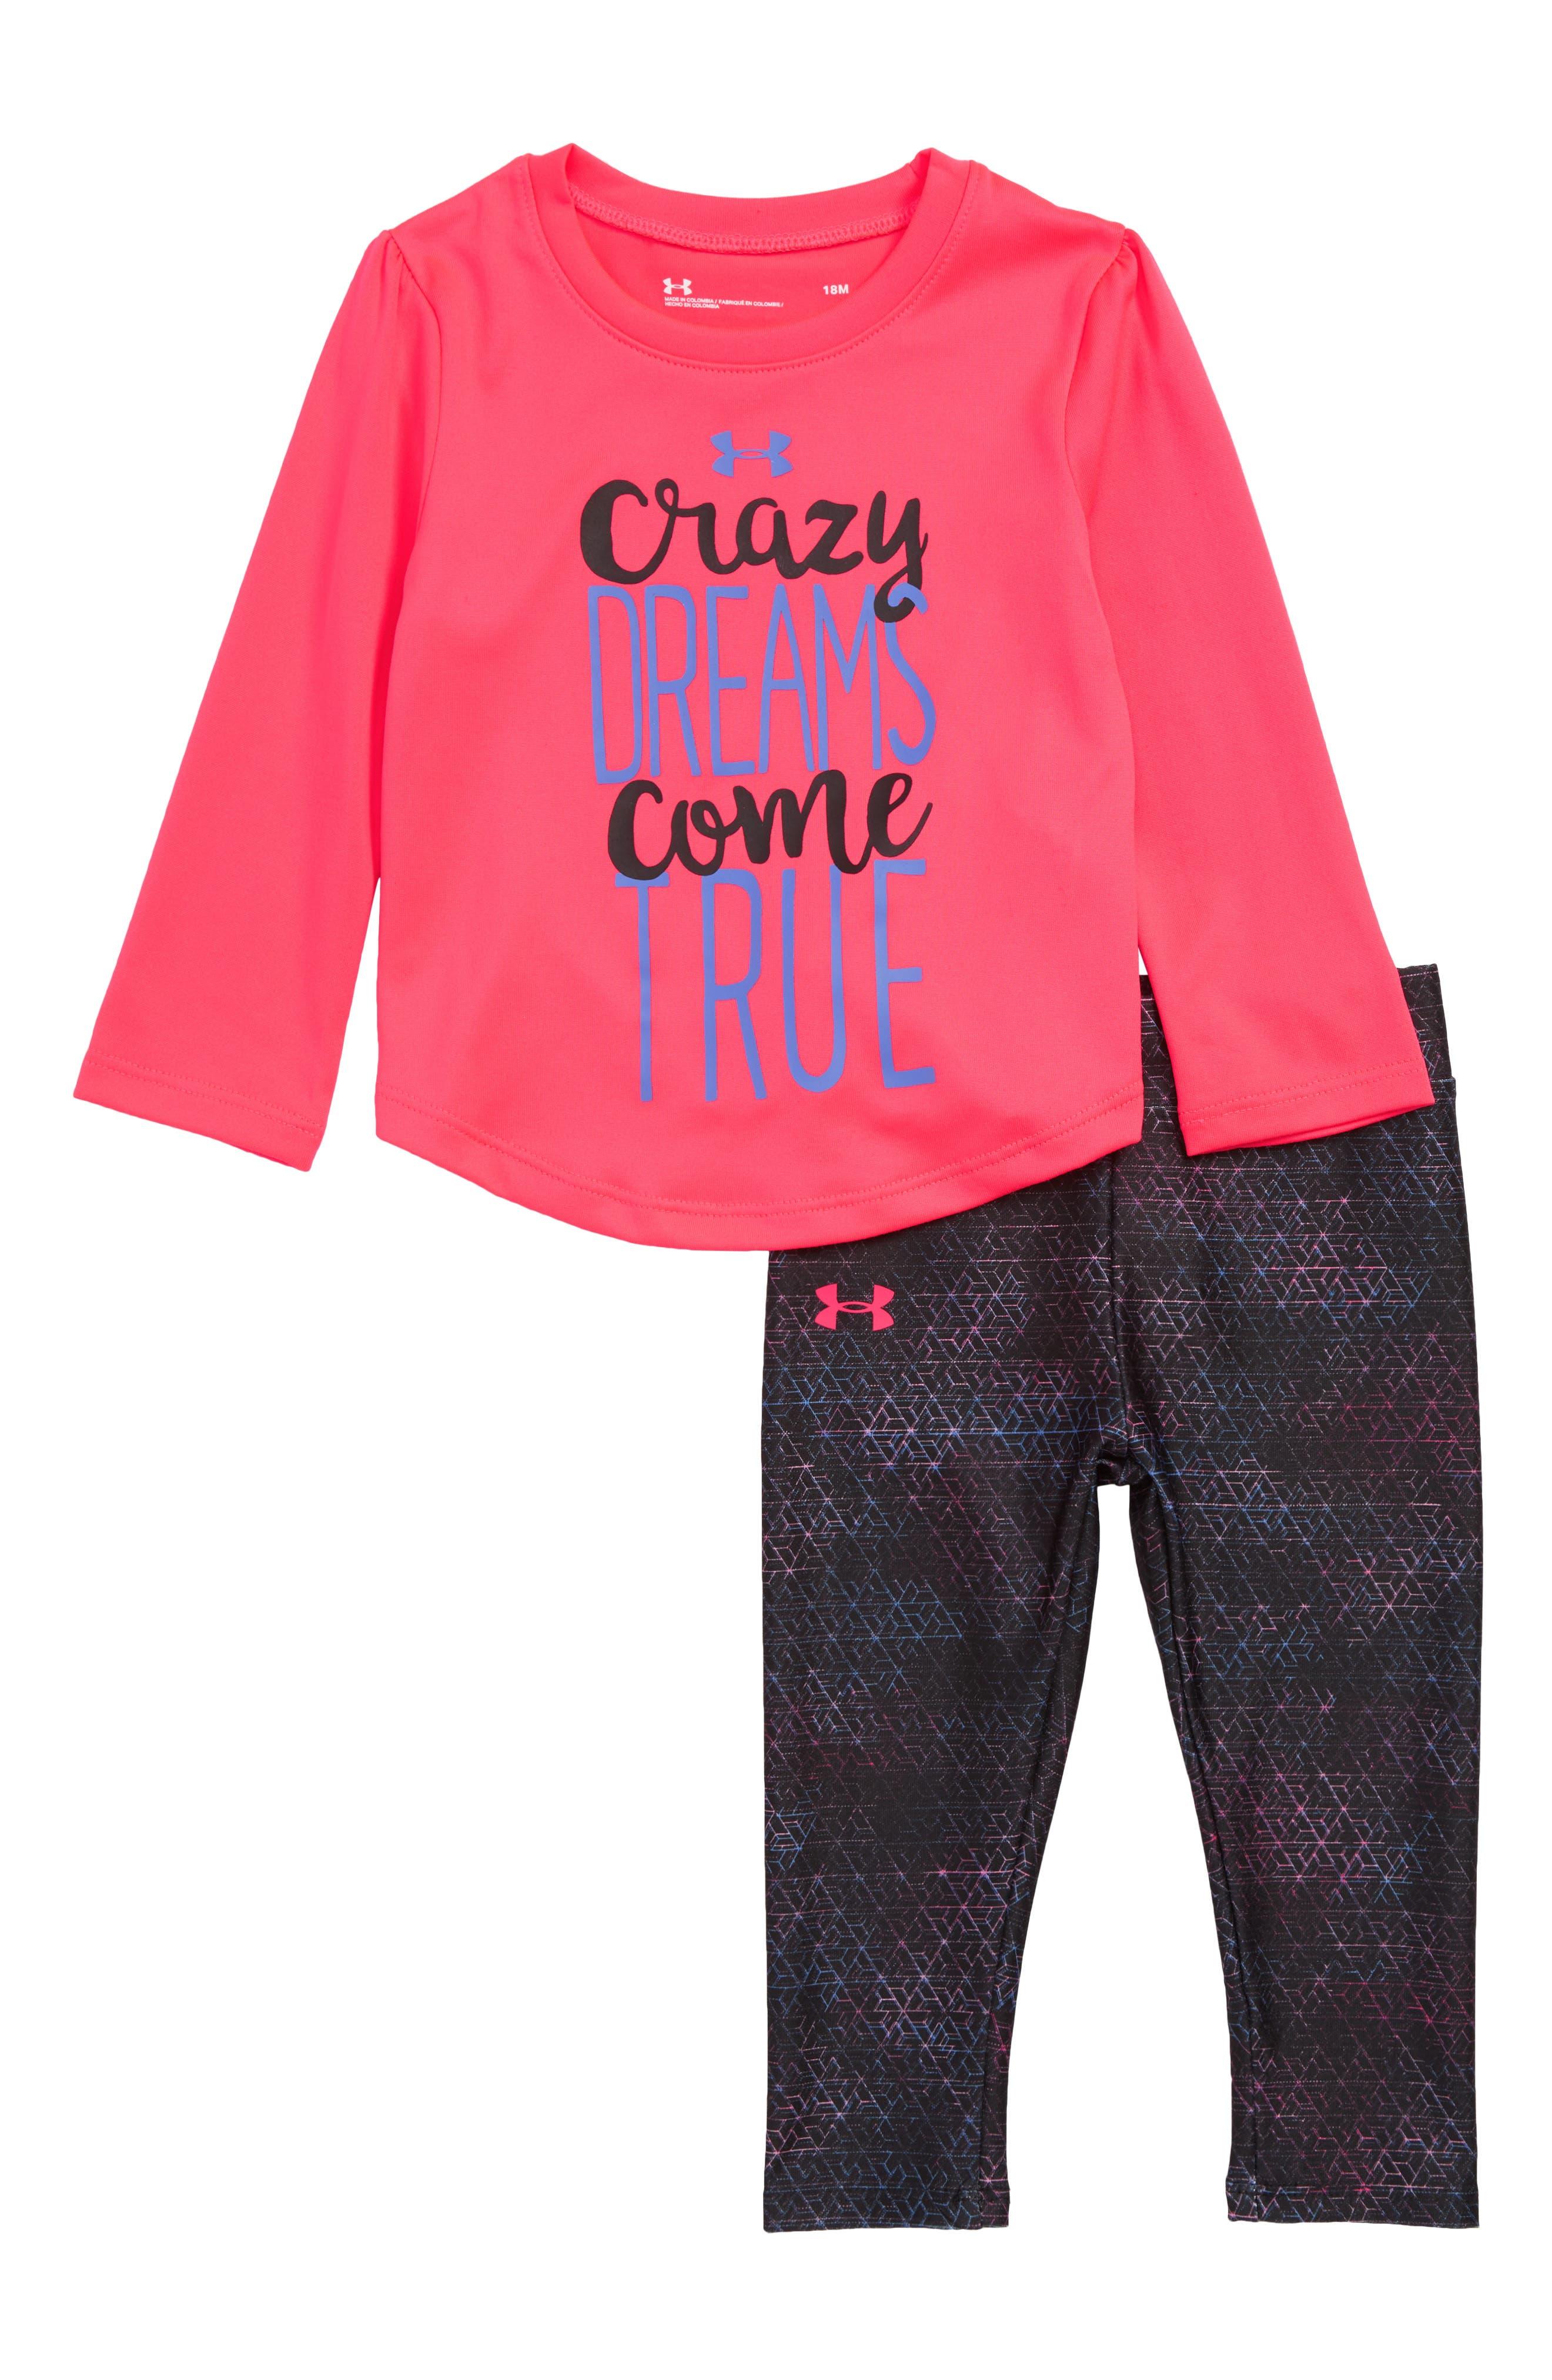 Crazy Dreams Come True Tee & Leggings Set,                         Main,                         color, 670